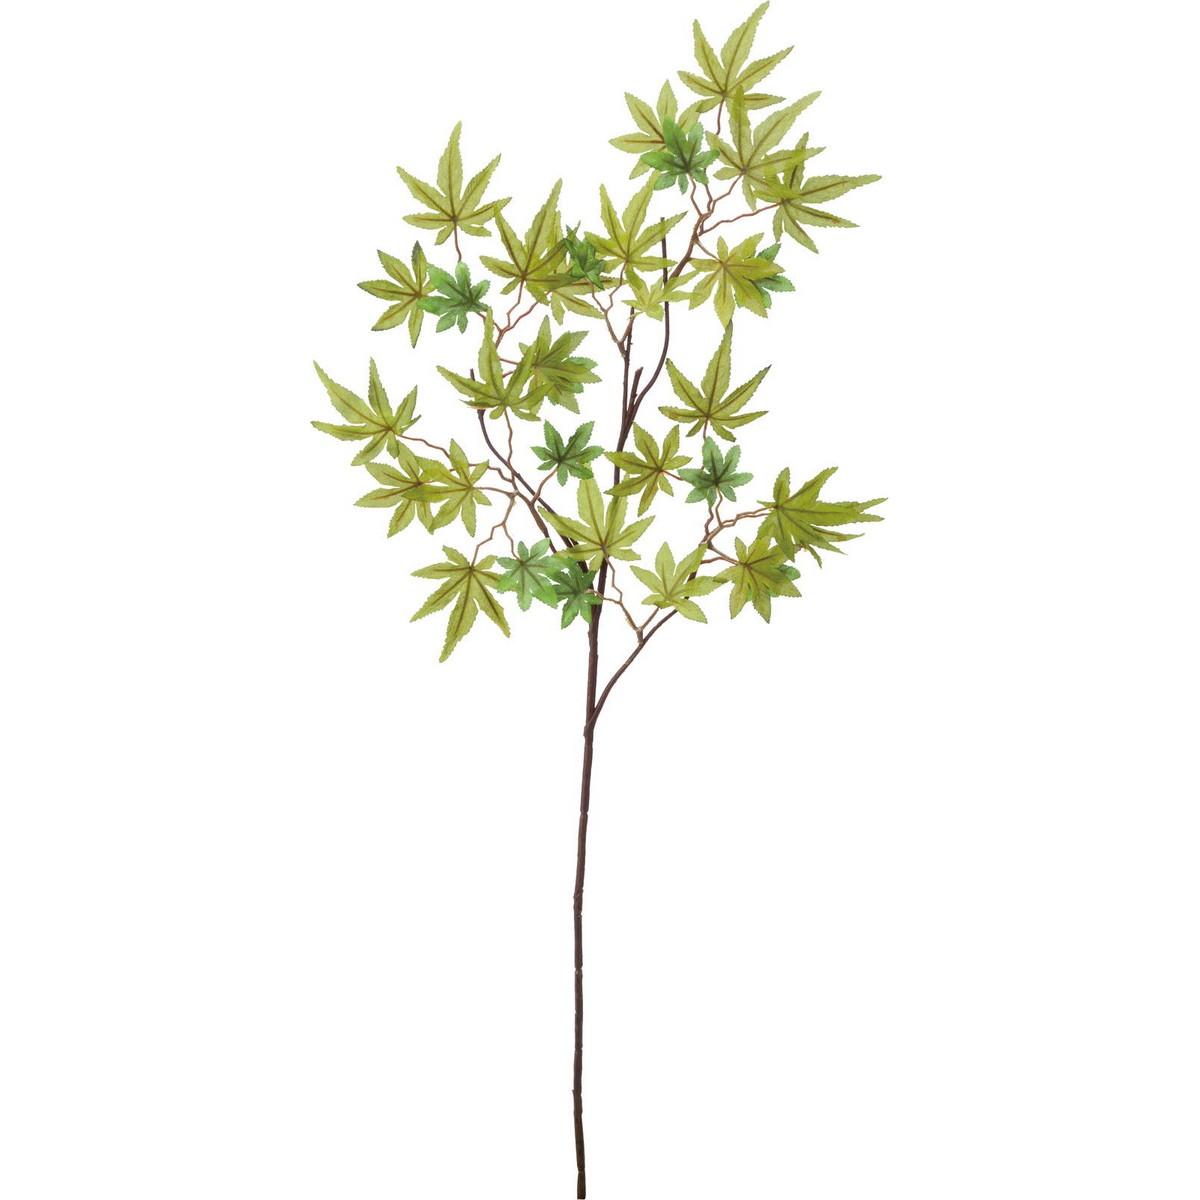 【造花】YDM/イロハモミジ/FS-9034GR【01】【取寄】《 造花(アーティフィシャルフラワー) 造花枝物 モミジ・イチョウ 》